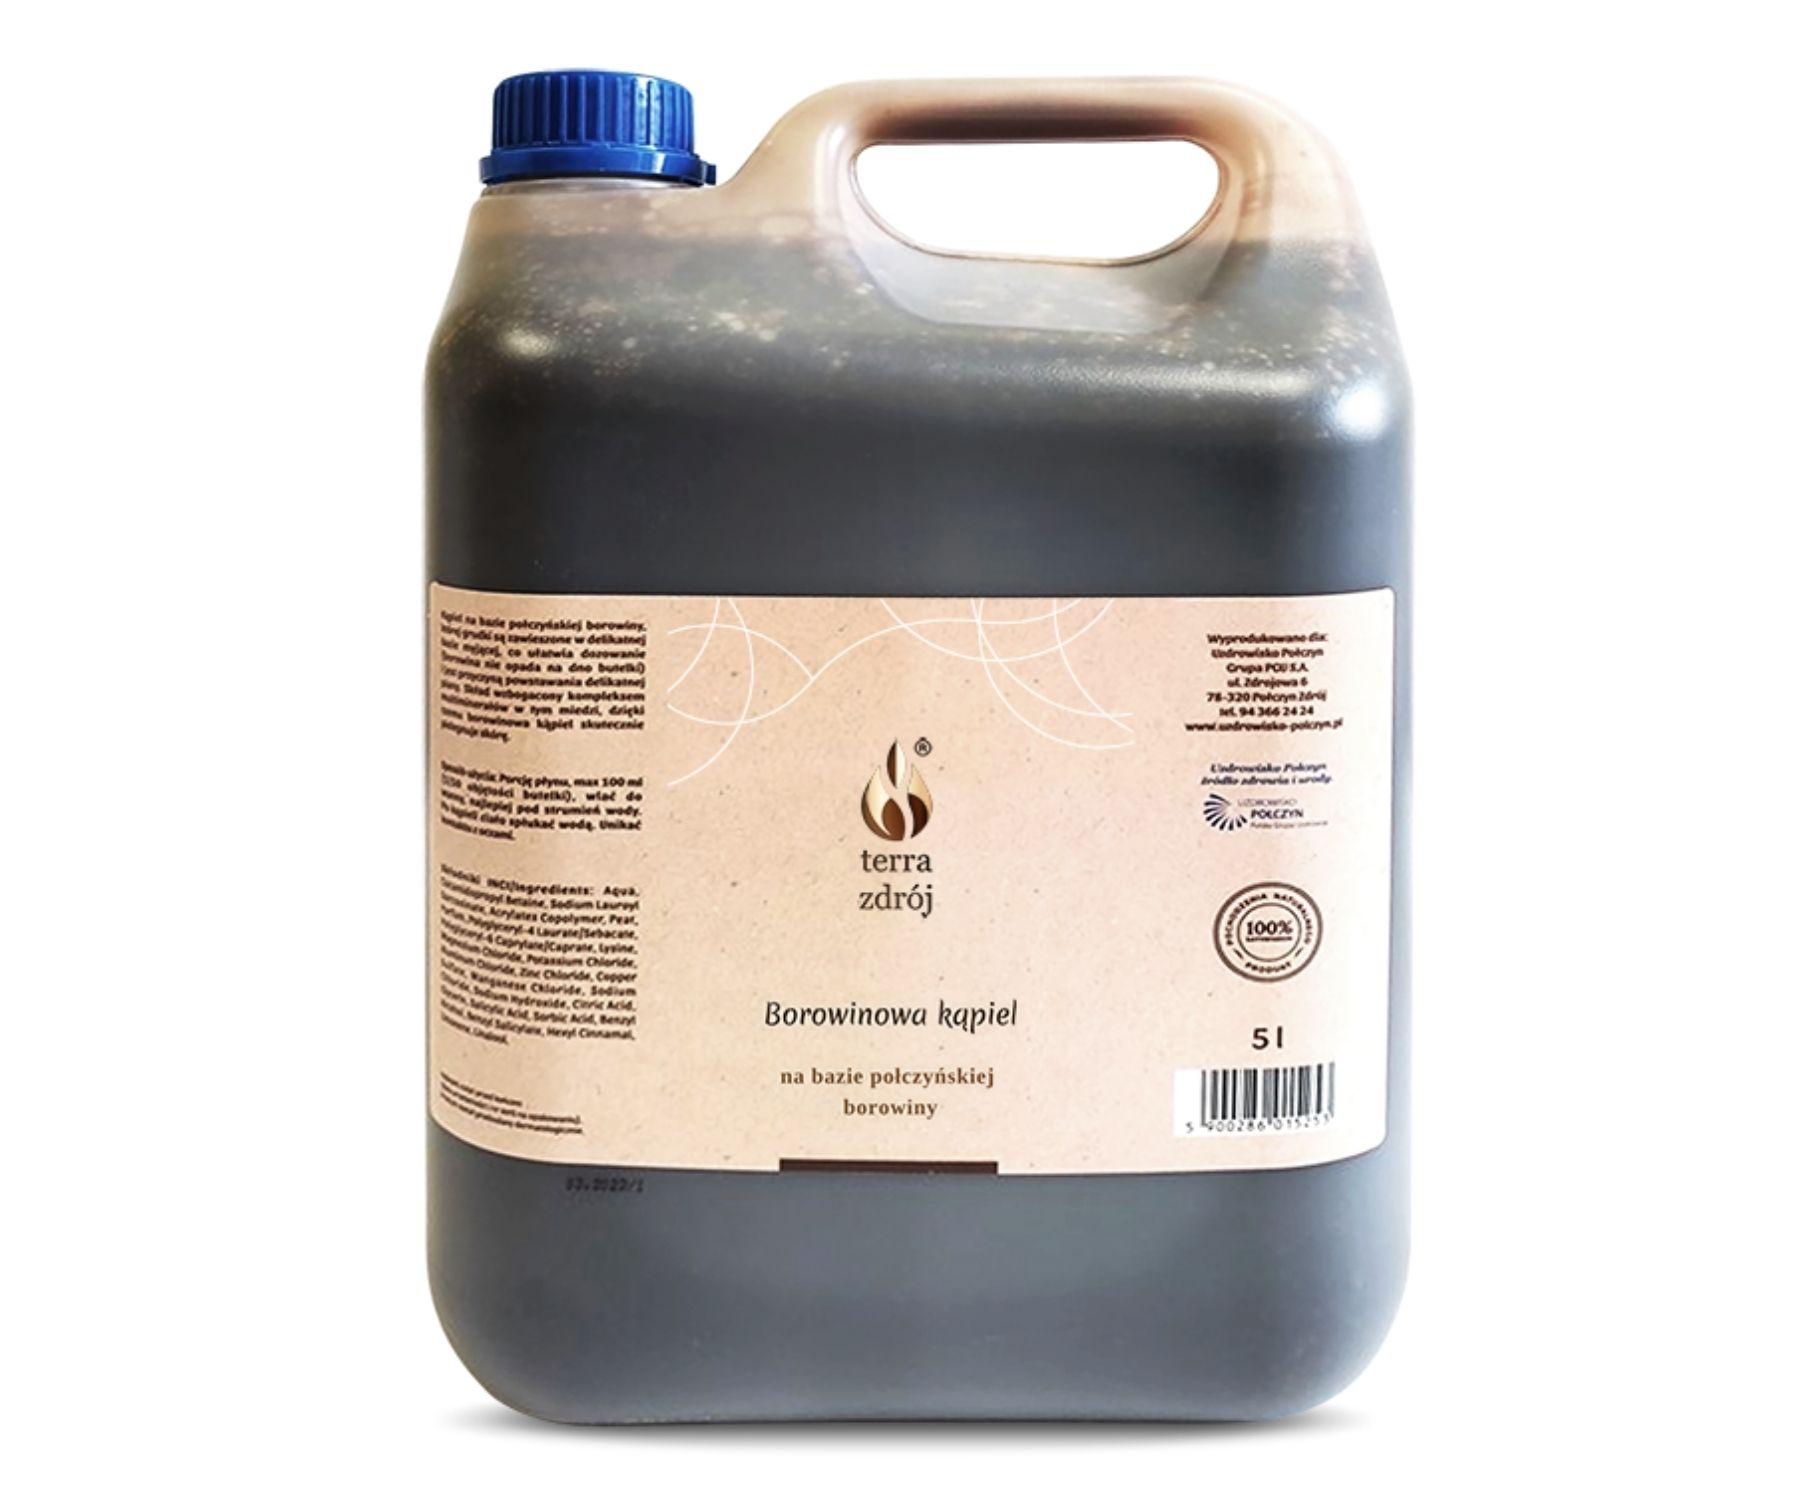 Jakość połczyńskiej borowiny i solanki potwierdzona przez Najwyższą Izbę Kontroli